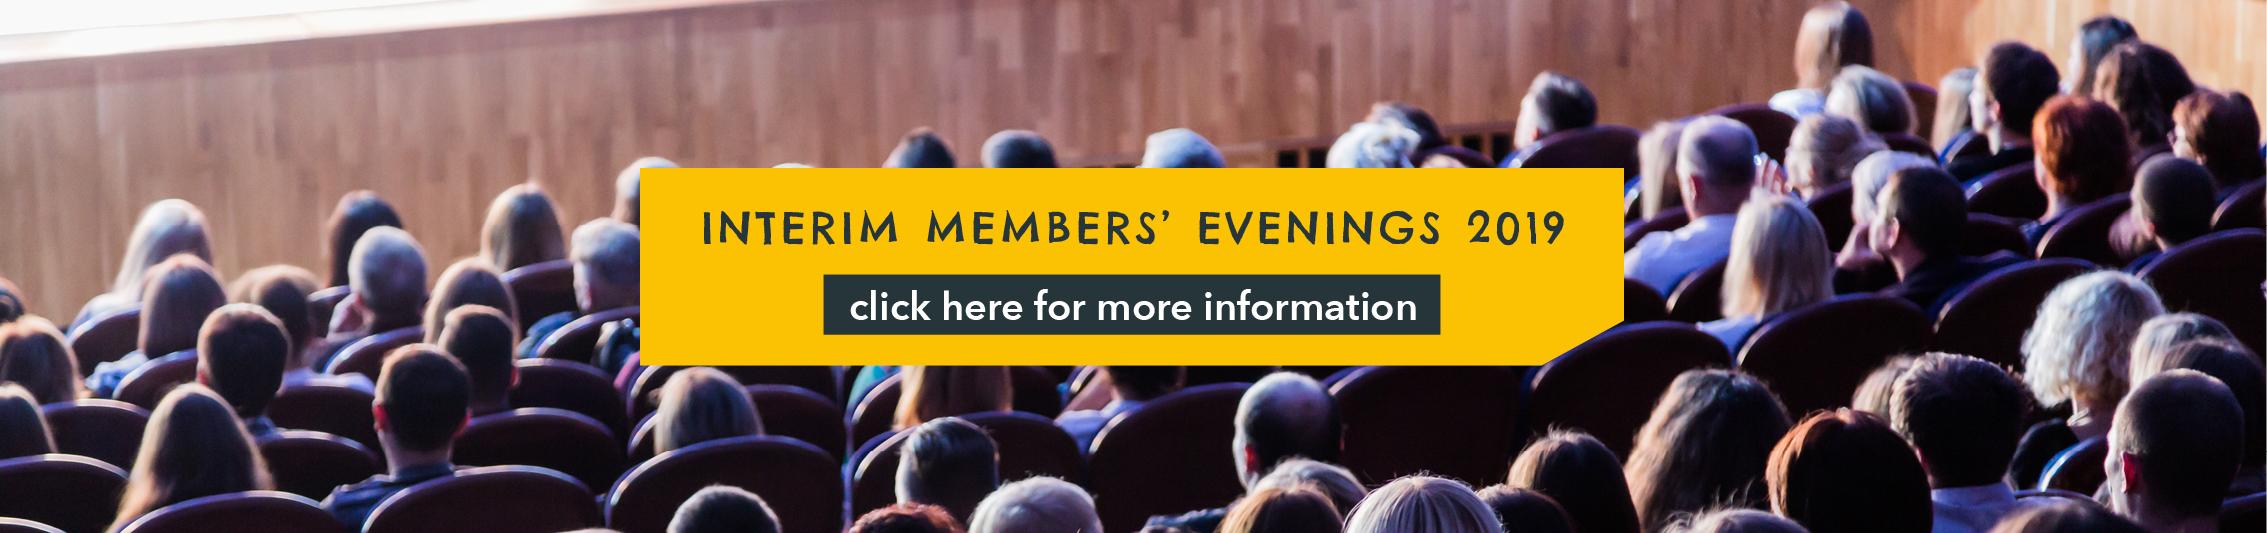 Co-op Members Evenings